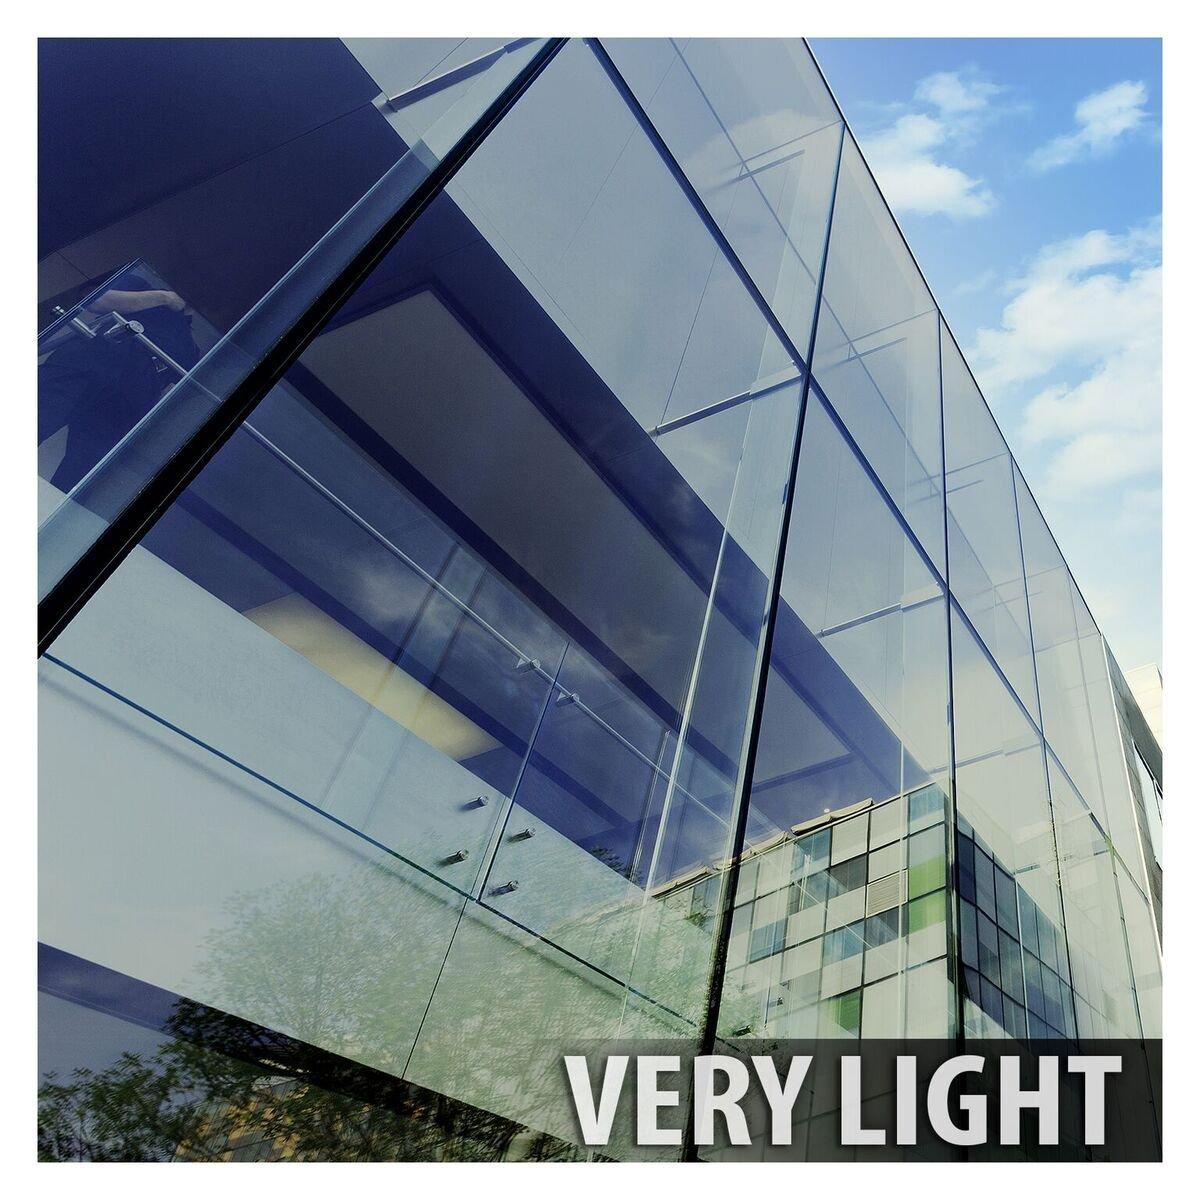 BDF NSN70 窓フィルム 透明 超高熱遮断&UVカット NSN 70 (非常に軽量) 60 Inch x 25 Feet CSPNS7060025 B00X6JO2GA   60 Inch x 25 Feet